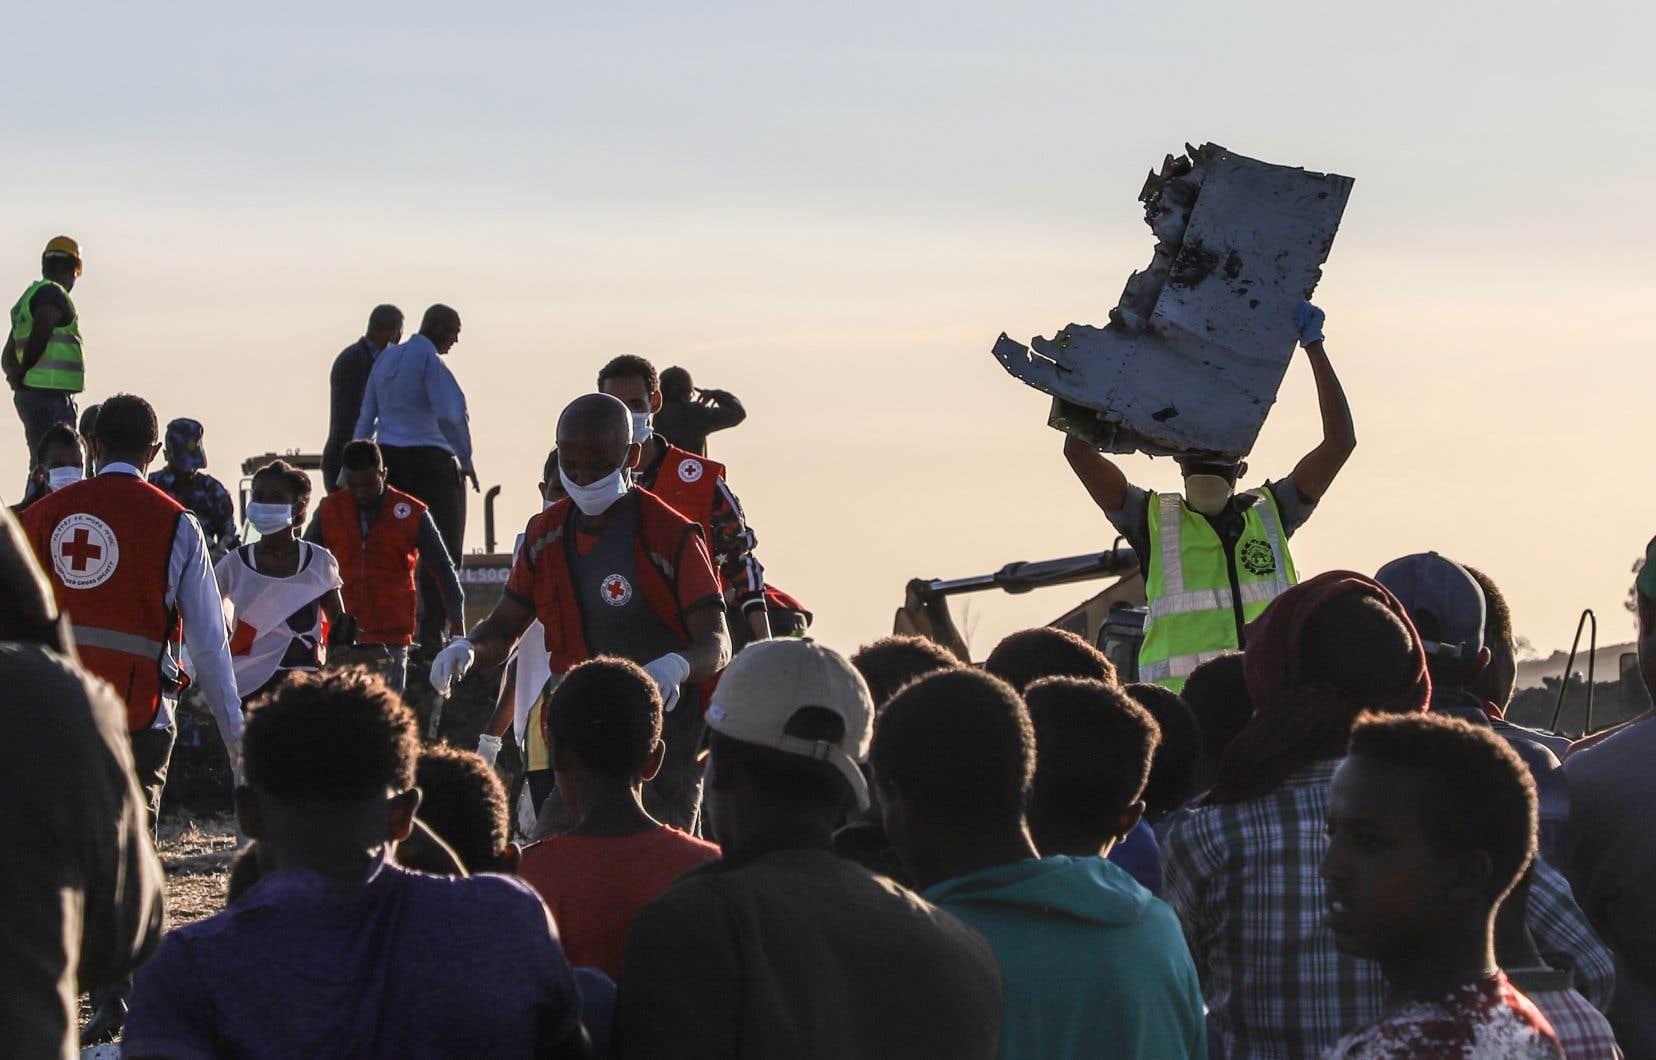 Des personnes s'affairant dans les décombres de l'avion qui s'est écrasé quelques minutes après son décollage.